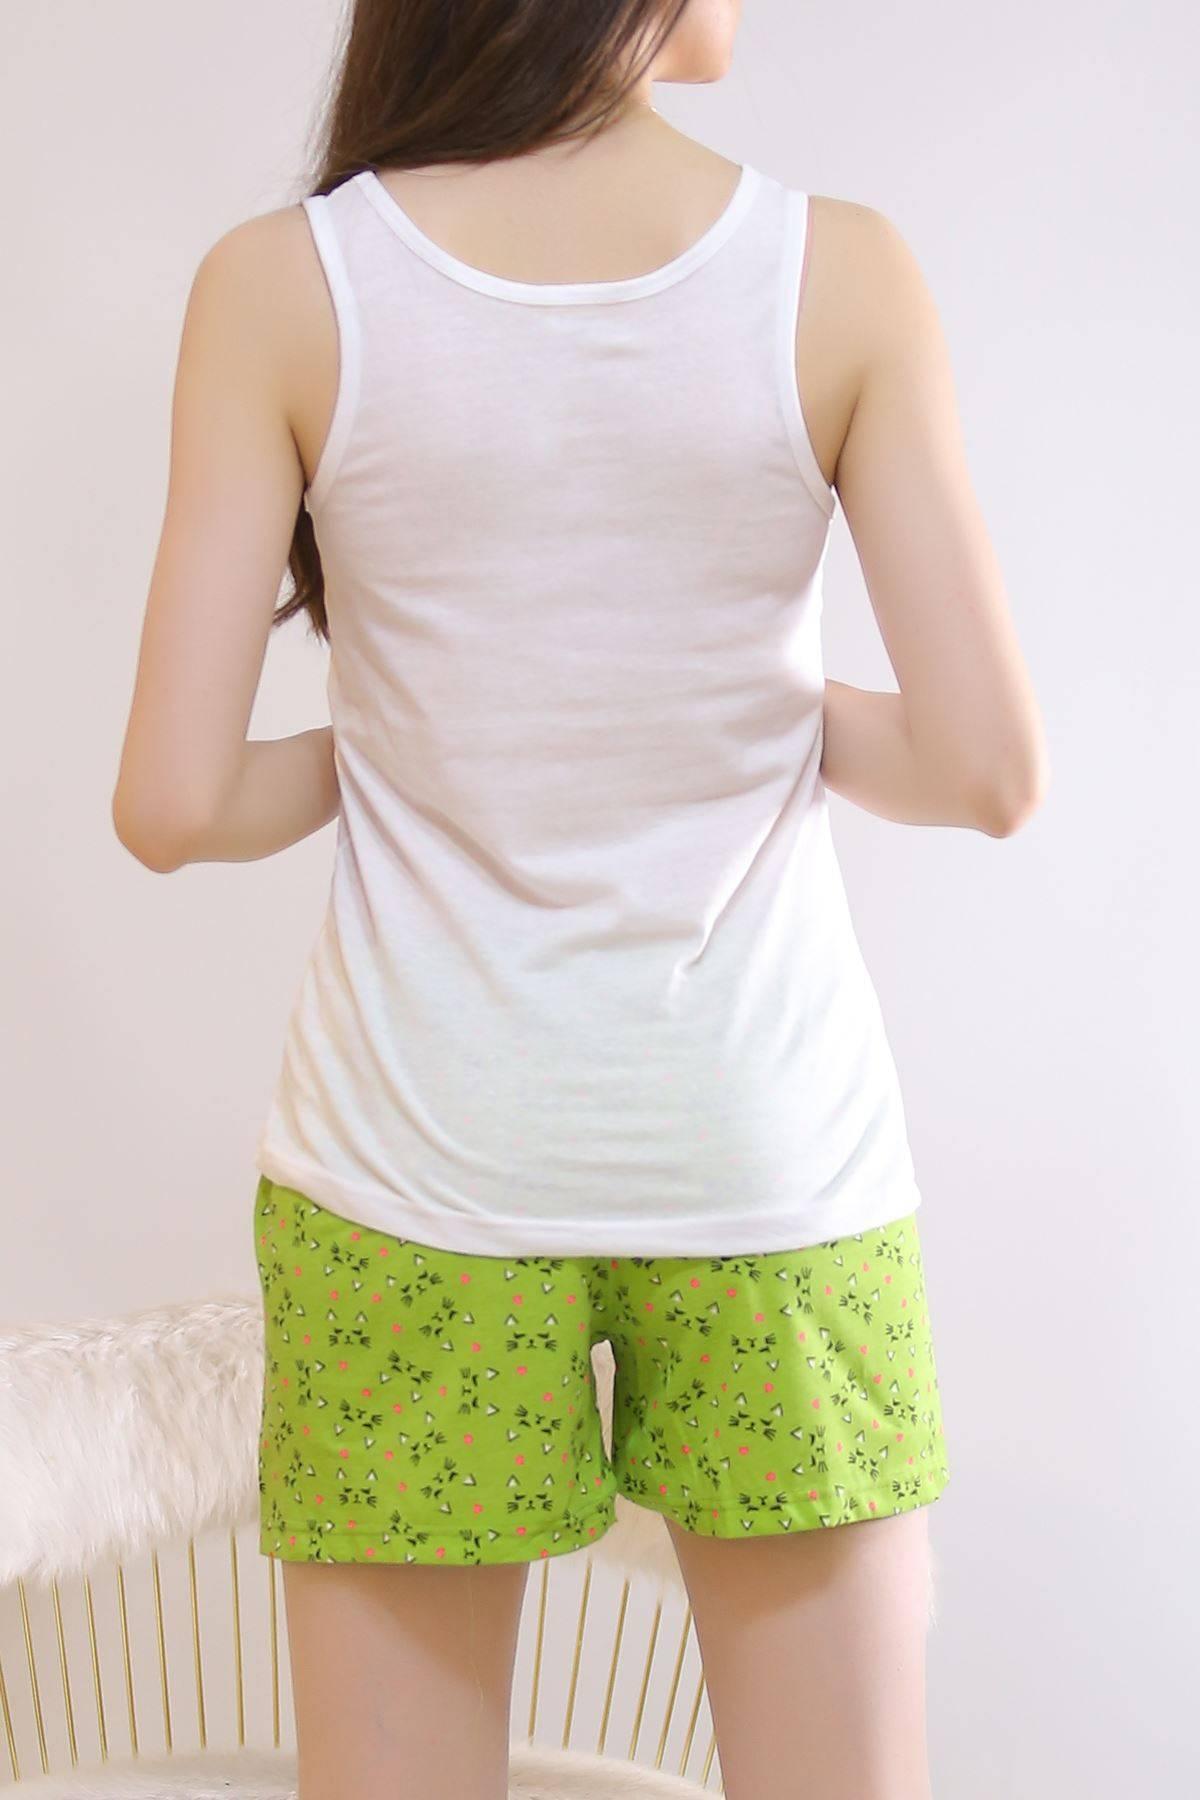 Şortlu Pijama Takımı Beyazyeşil - 6511.1247.